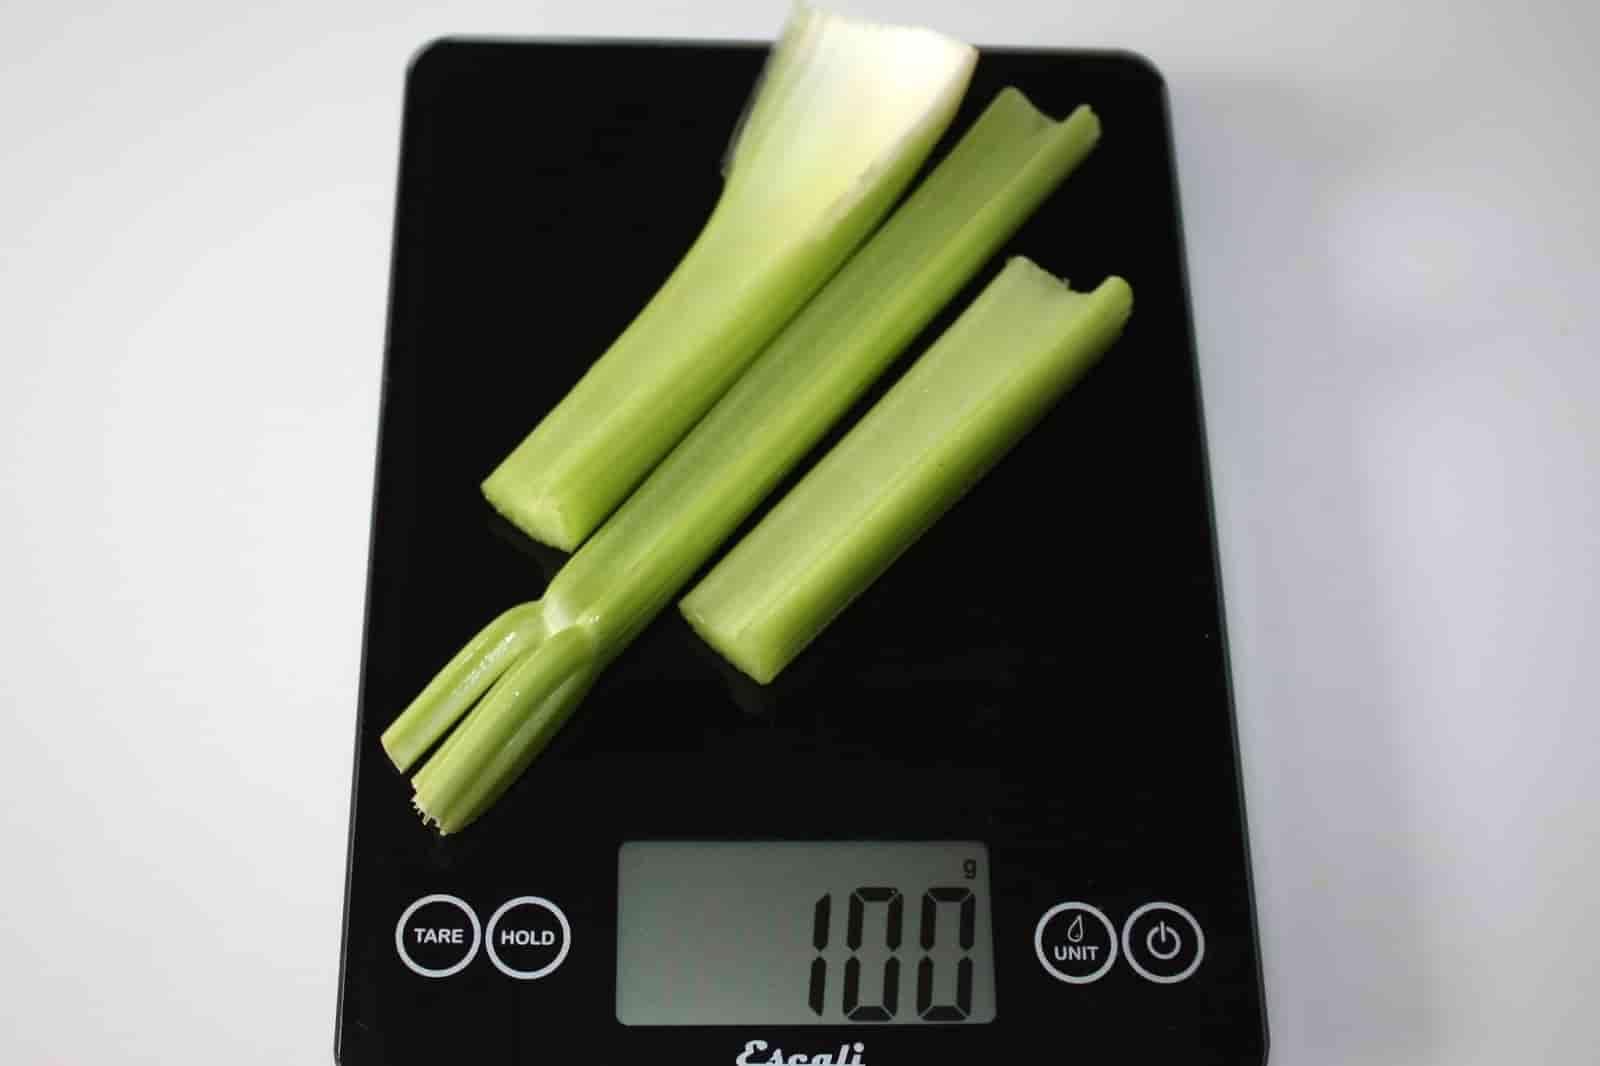 100 грамм сельдерея (Вес продуктов)